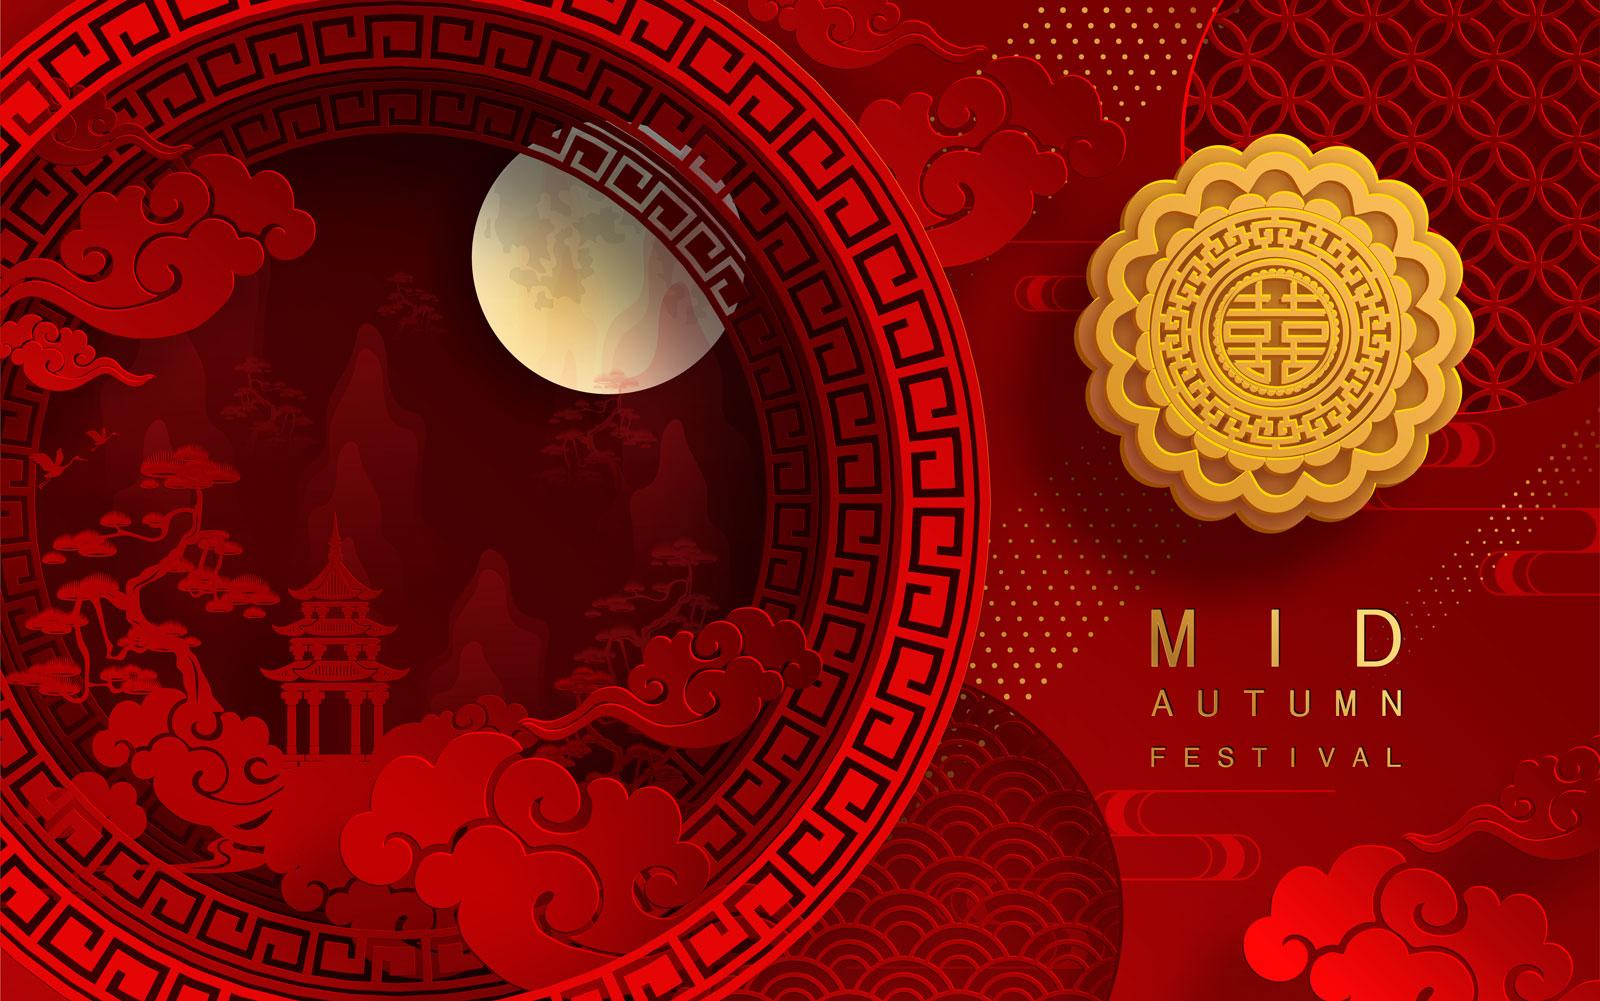 38款中国风中秋节主视觉海报插画AI广告设计素材源文件 Mid Autumn Festival Vector Pattern插图(24)